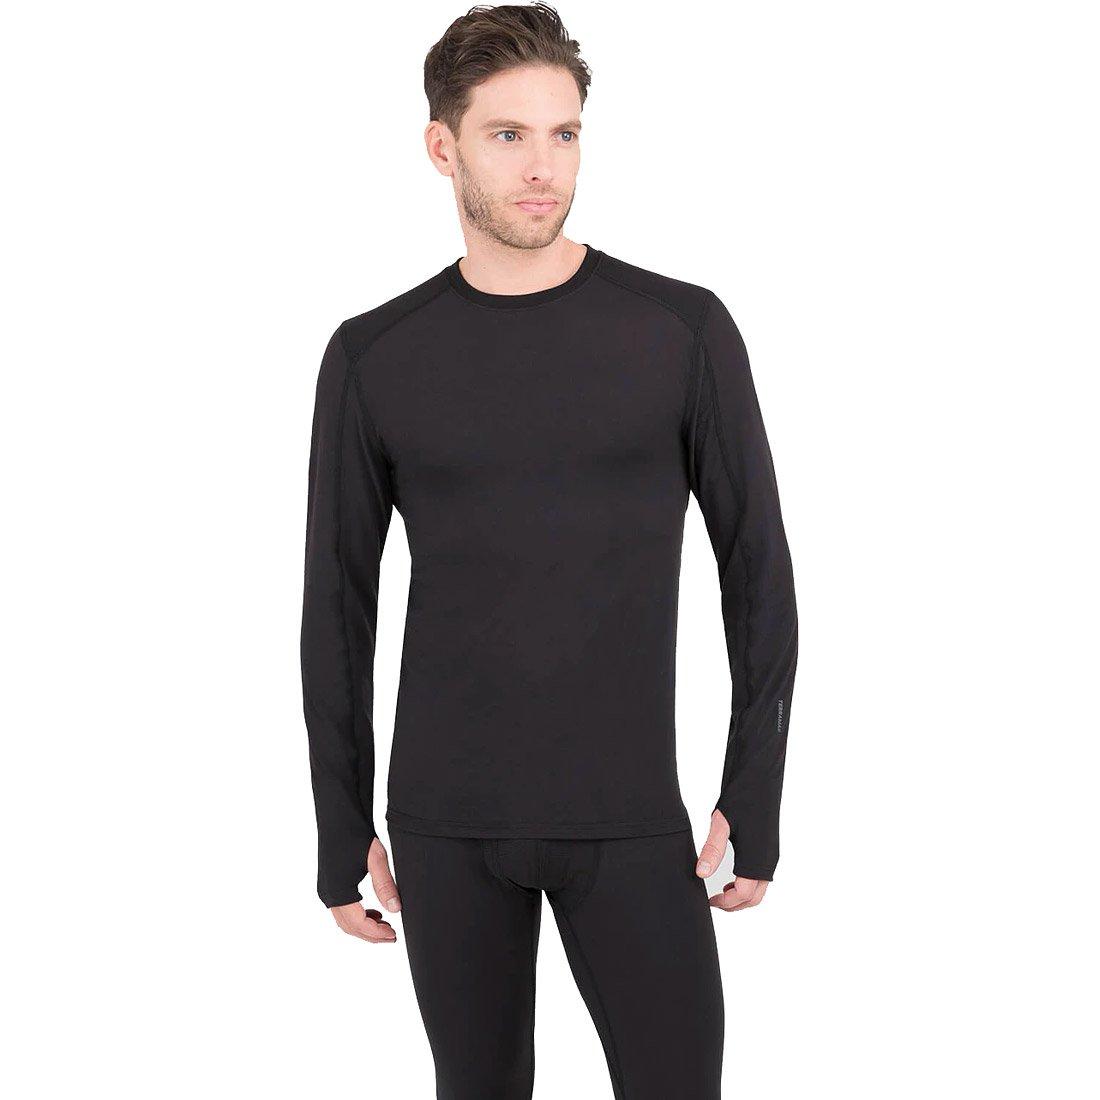 חולצת מיקרופליס לגברים - Thermolator 2.0 M Crew - Terramar